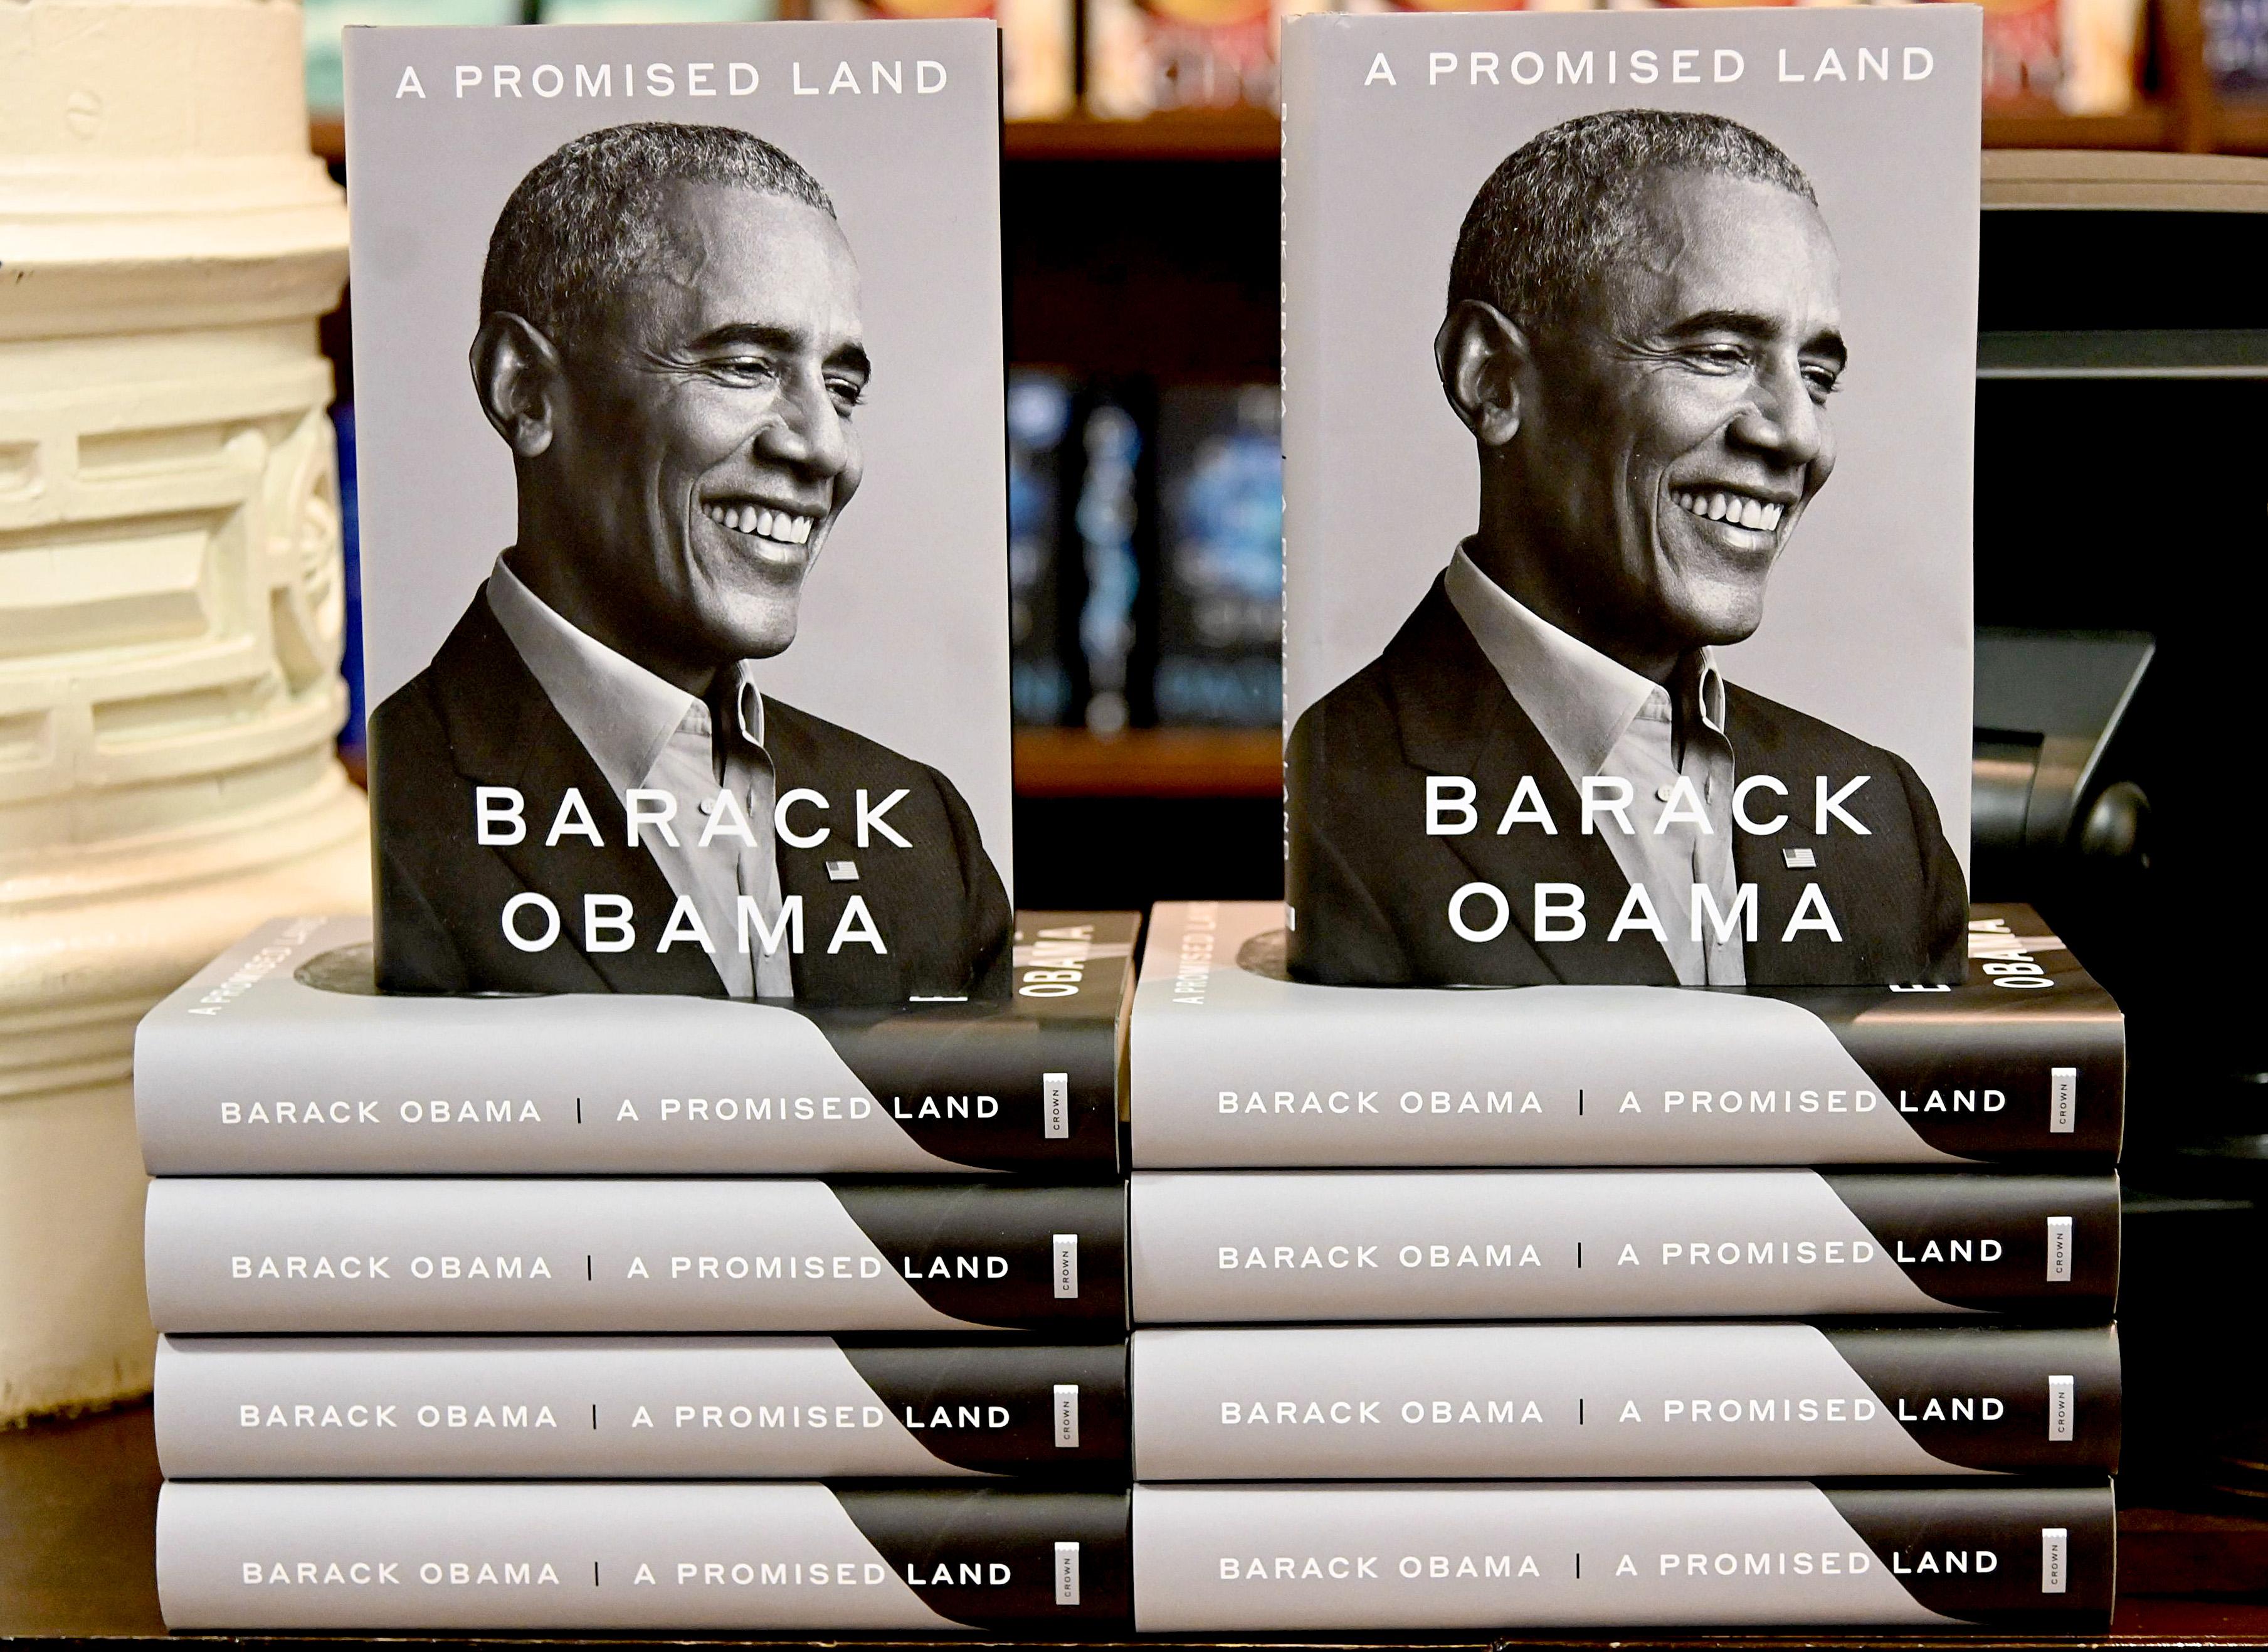 美国总统奥巴马的回忆录《应许之地》将在假期前上市